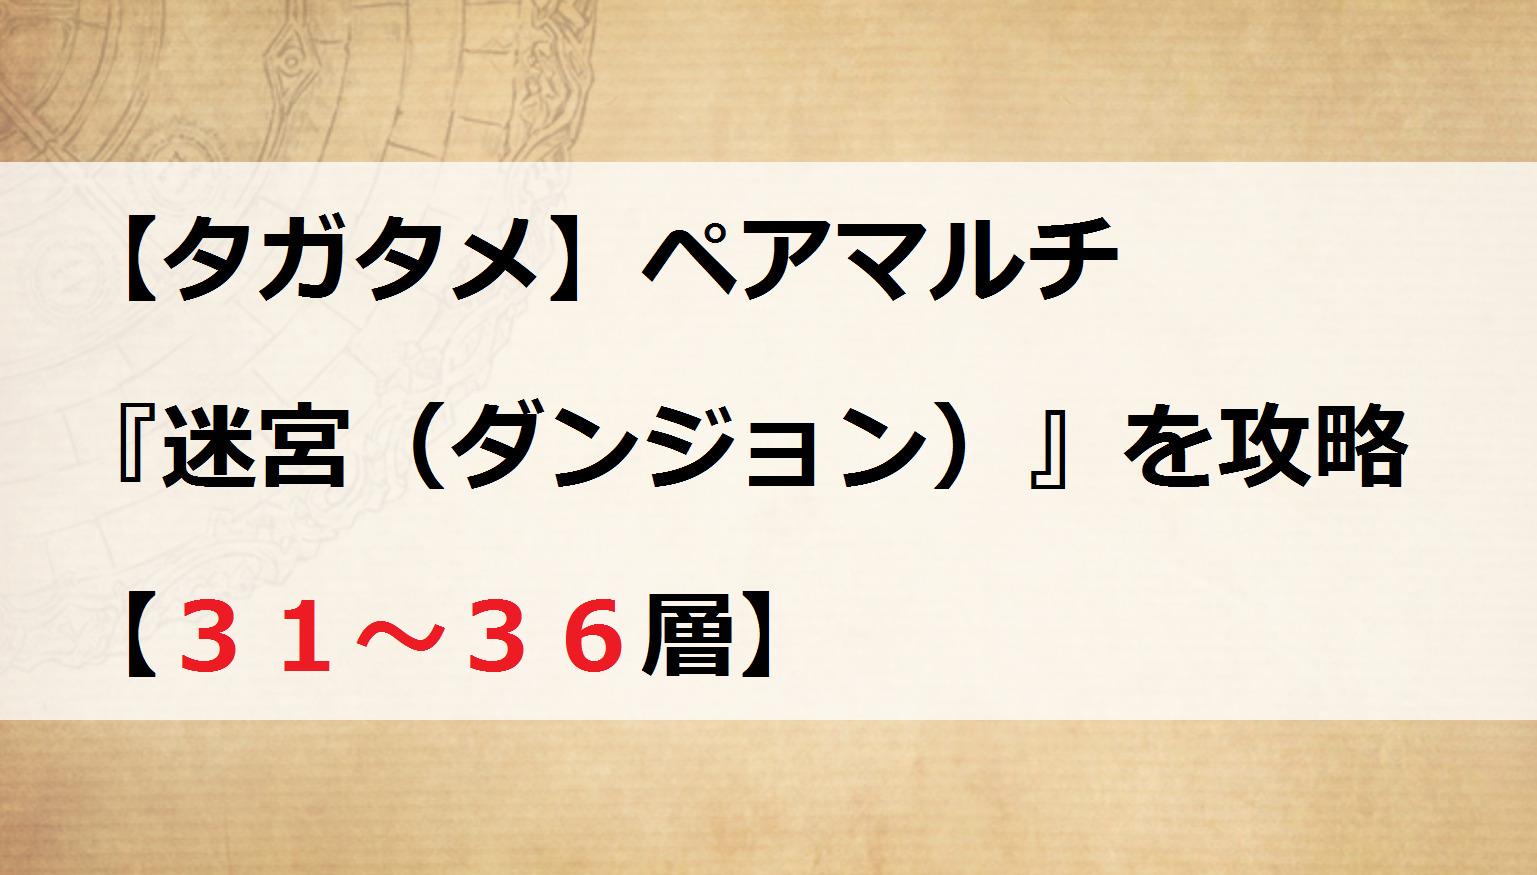 【タガタメ】ペアマルチ『迷宮(ダンジョン)』を攻略【31~36層】